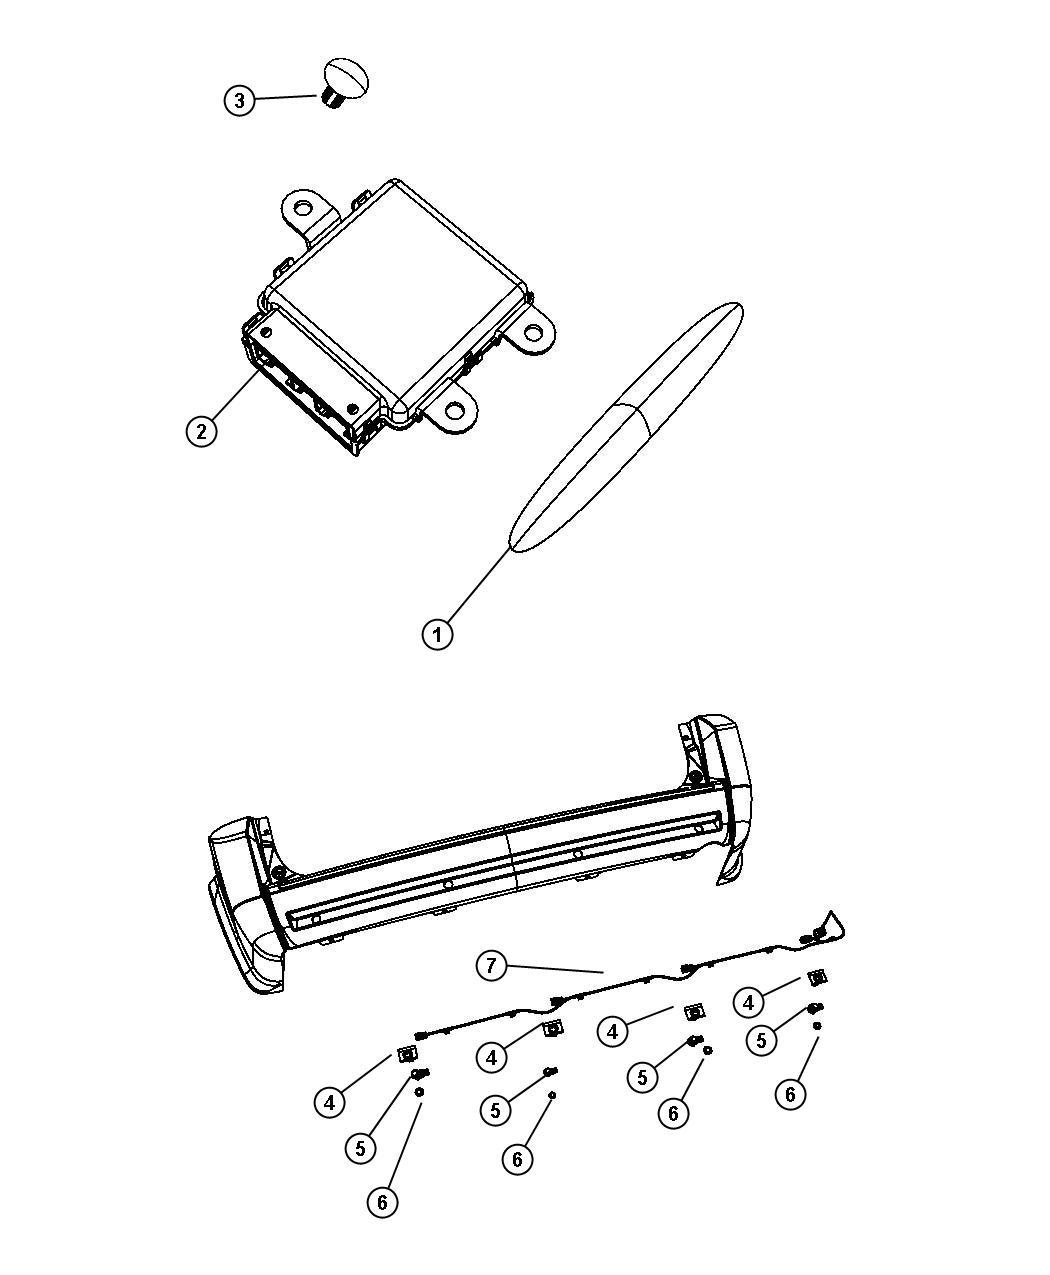 Ram Base Fastener Pin Push Pin M8 6x21 20 Used For